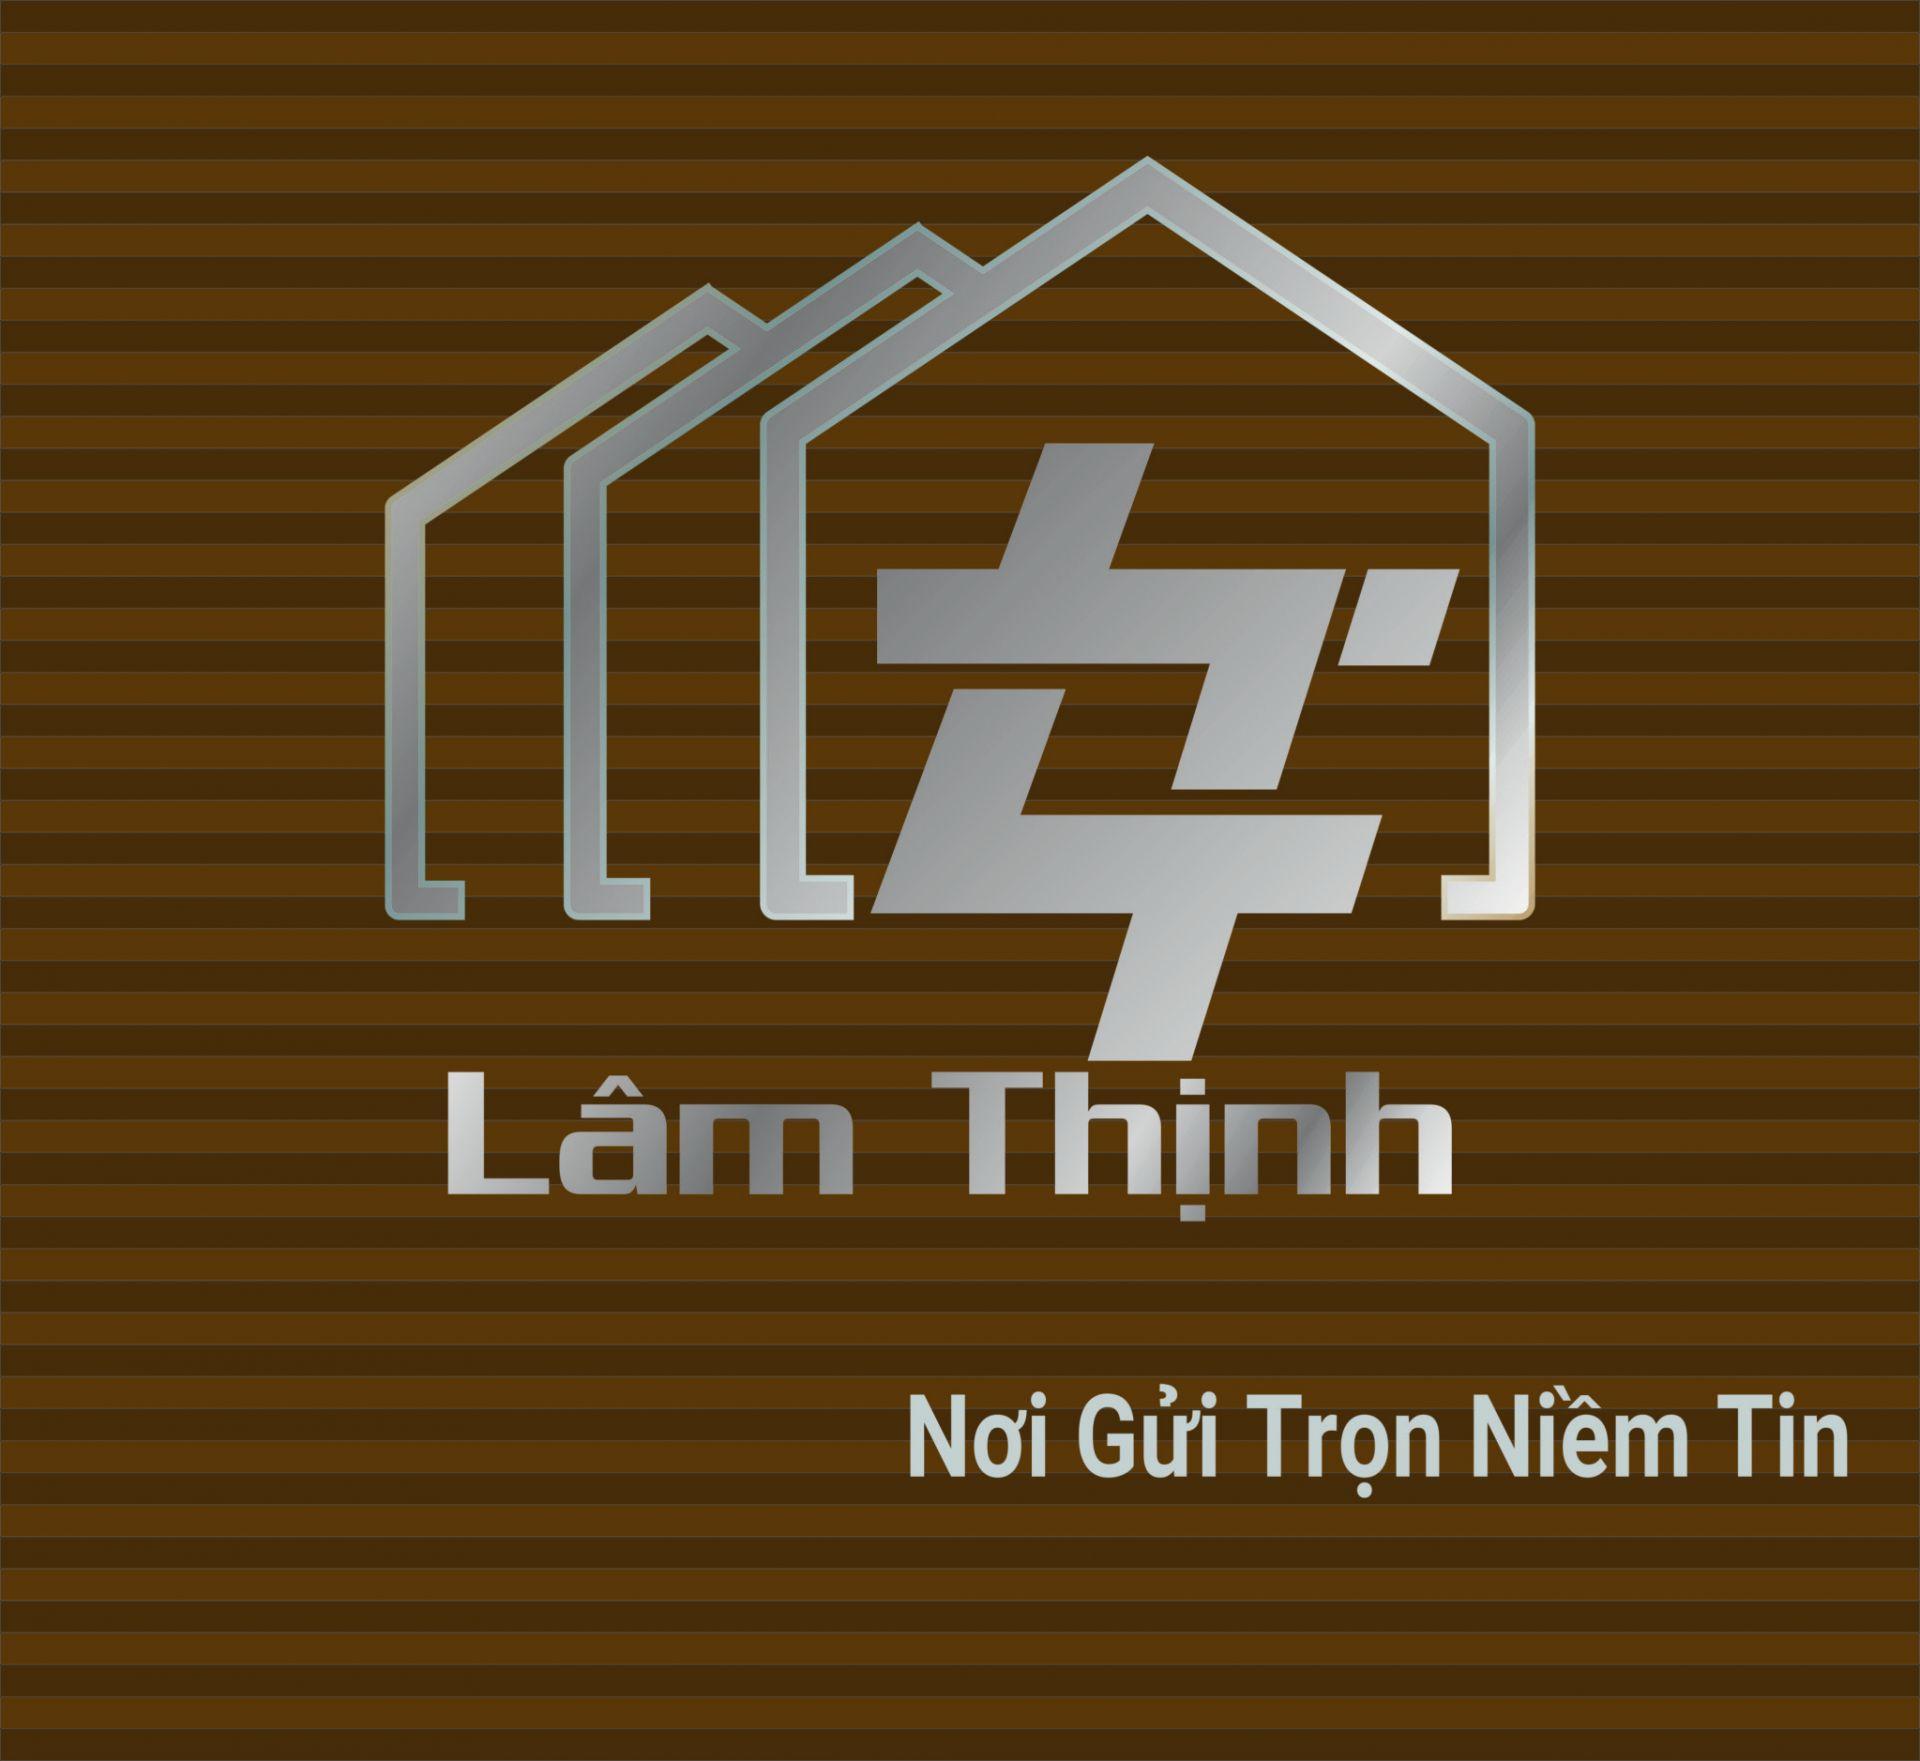 NPP lâm thịnh - singhal Lạng Sơn